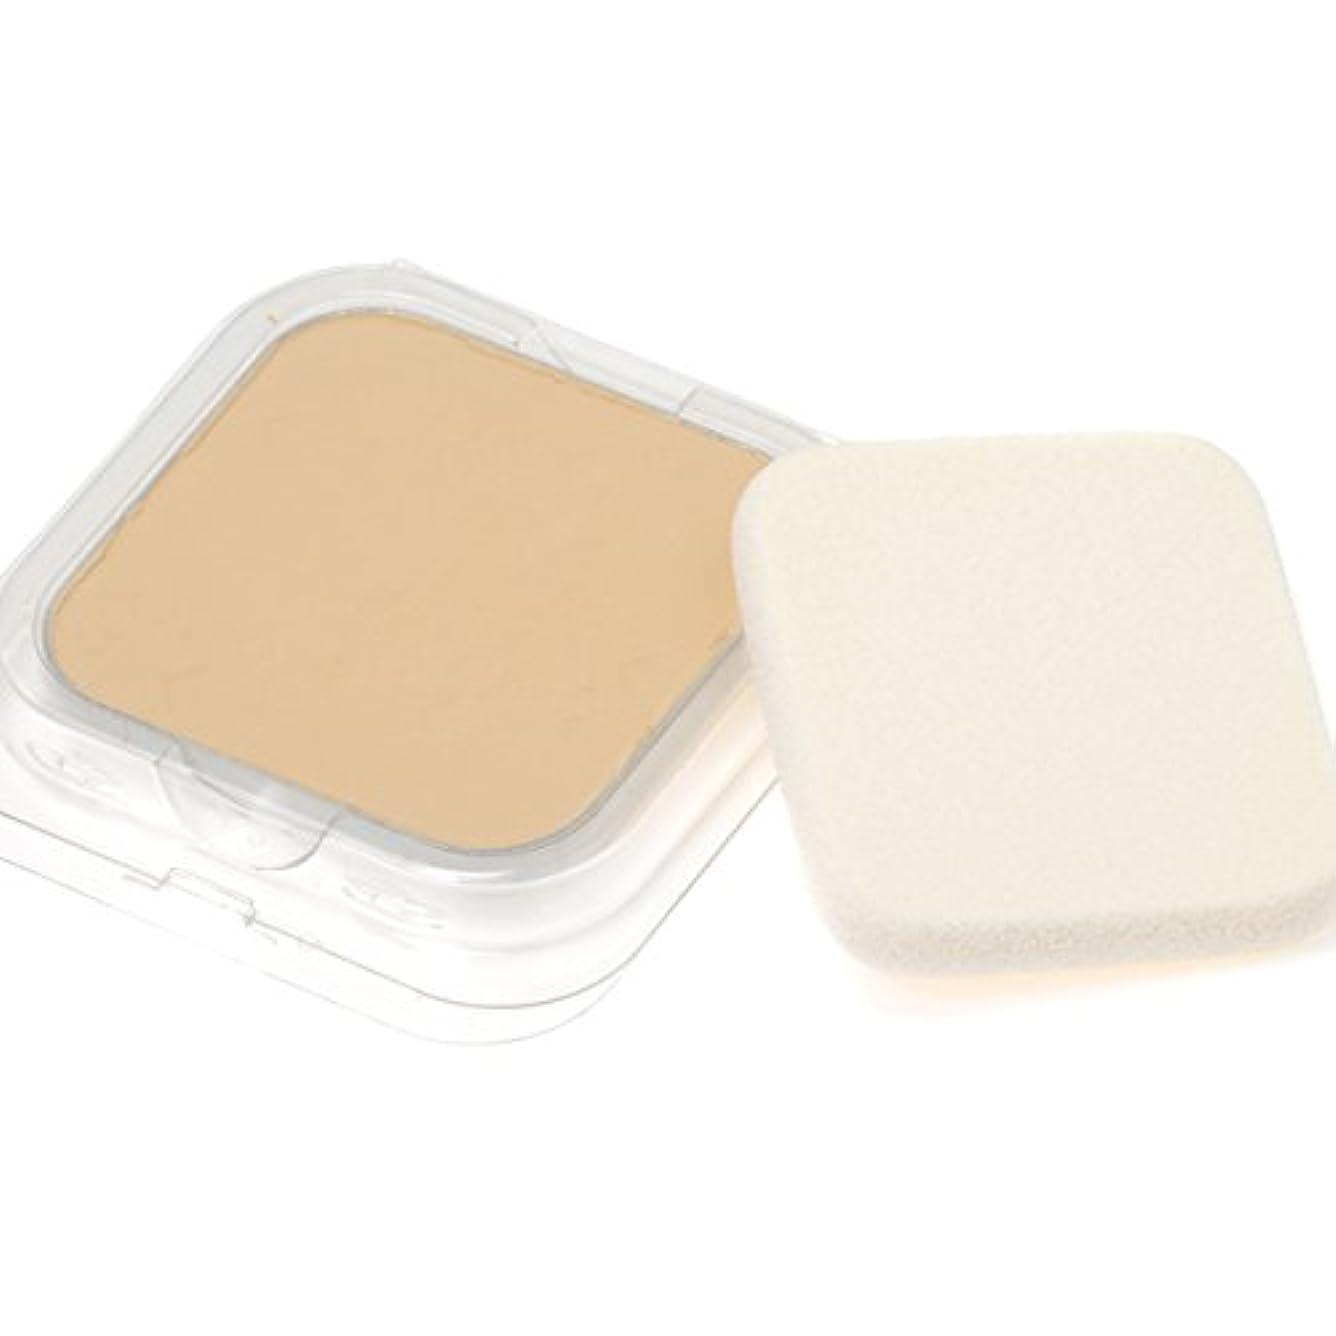 キャンメイク UVシルキーフィットファンデーション リフィル02 オークル 10g